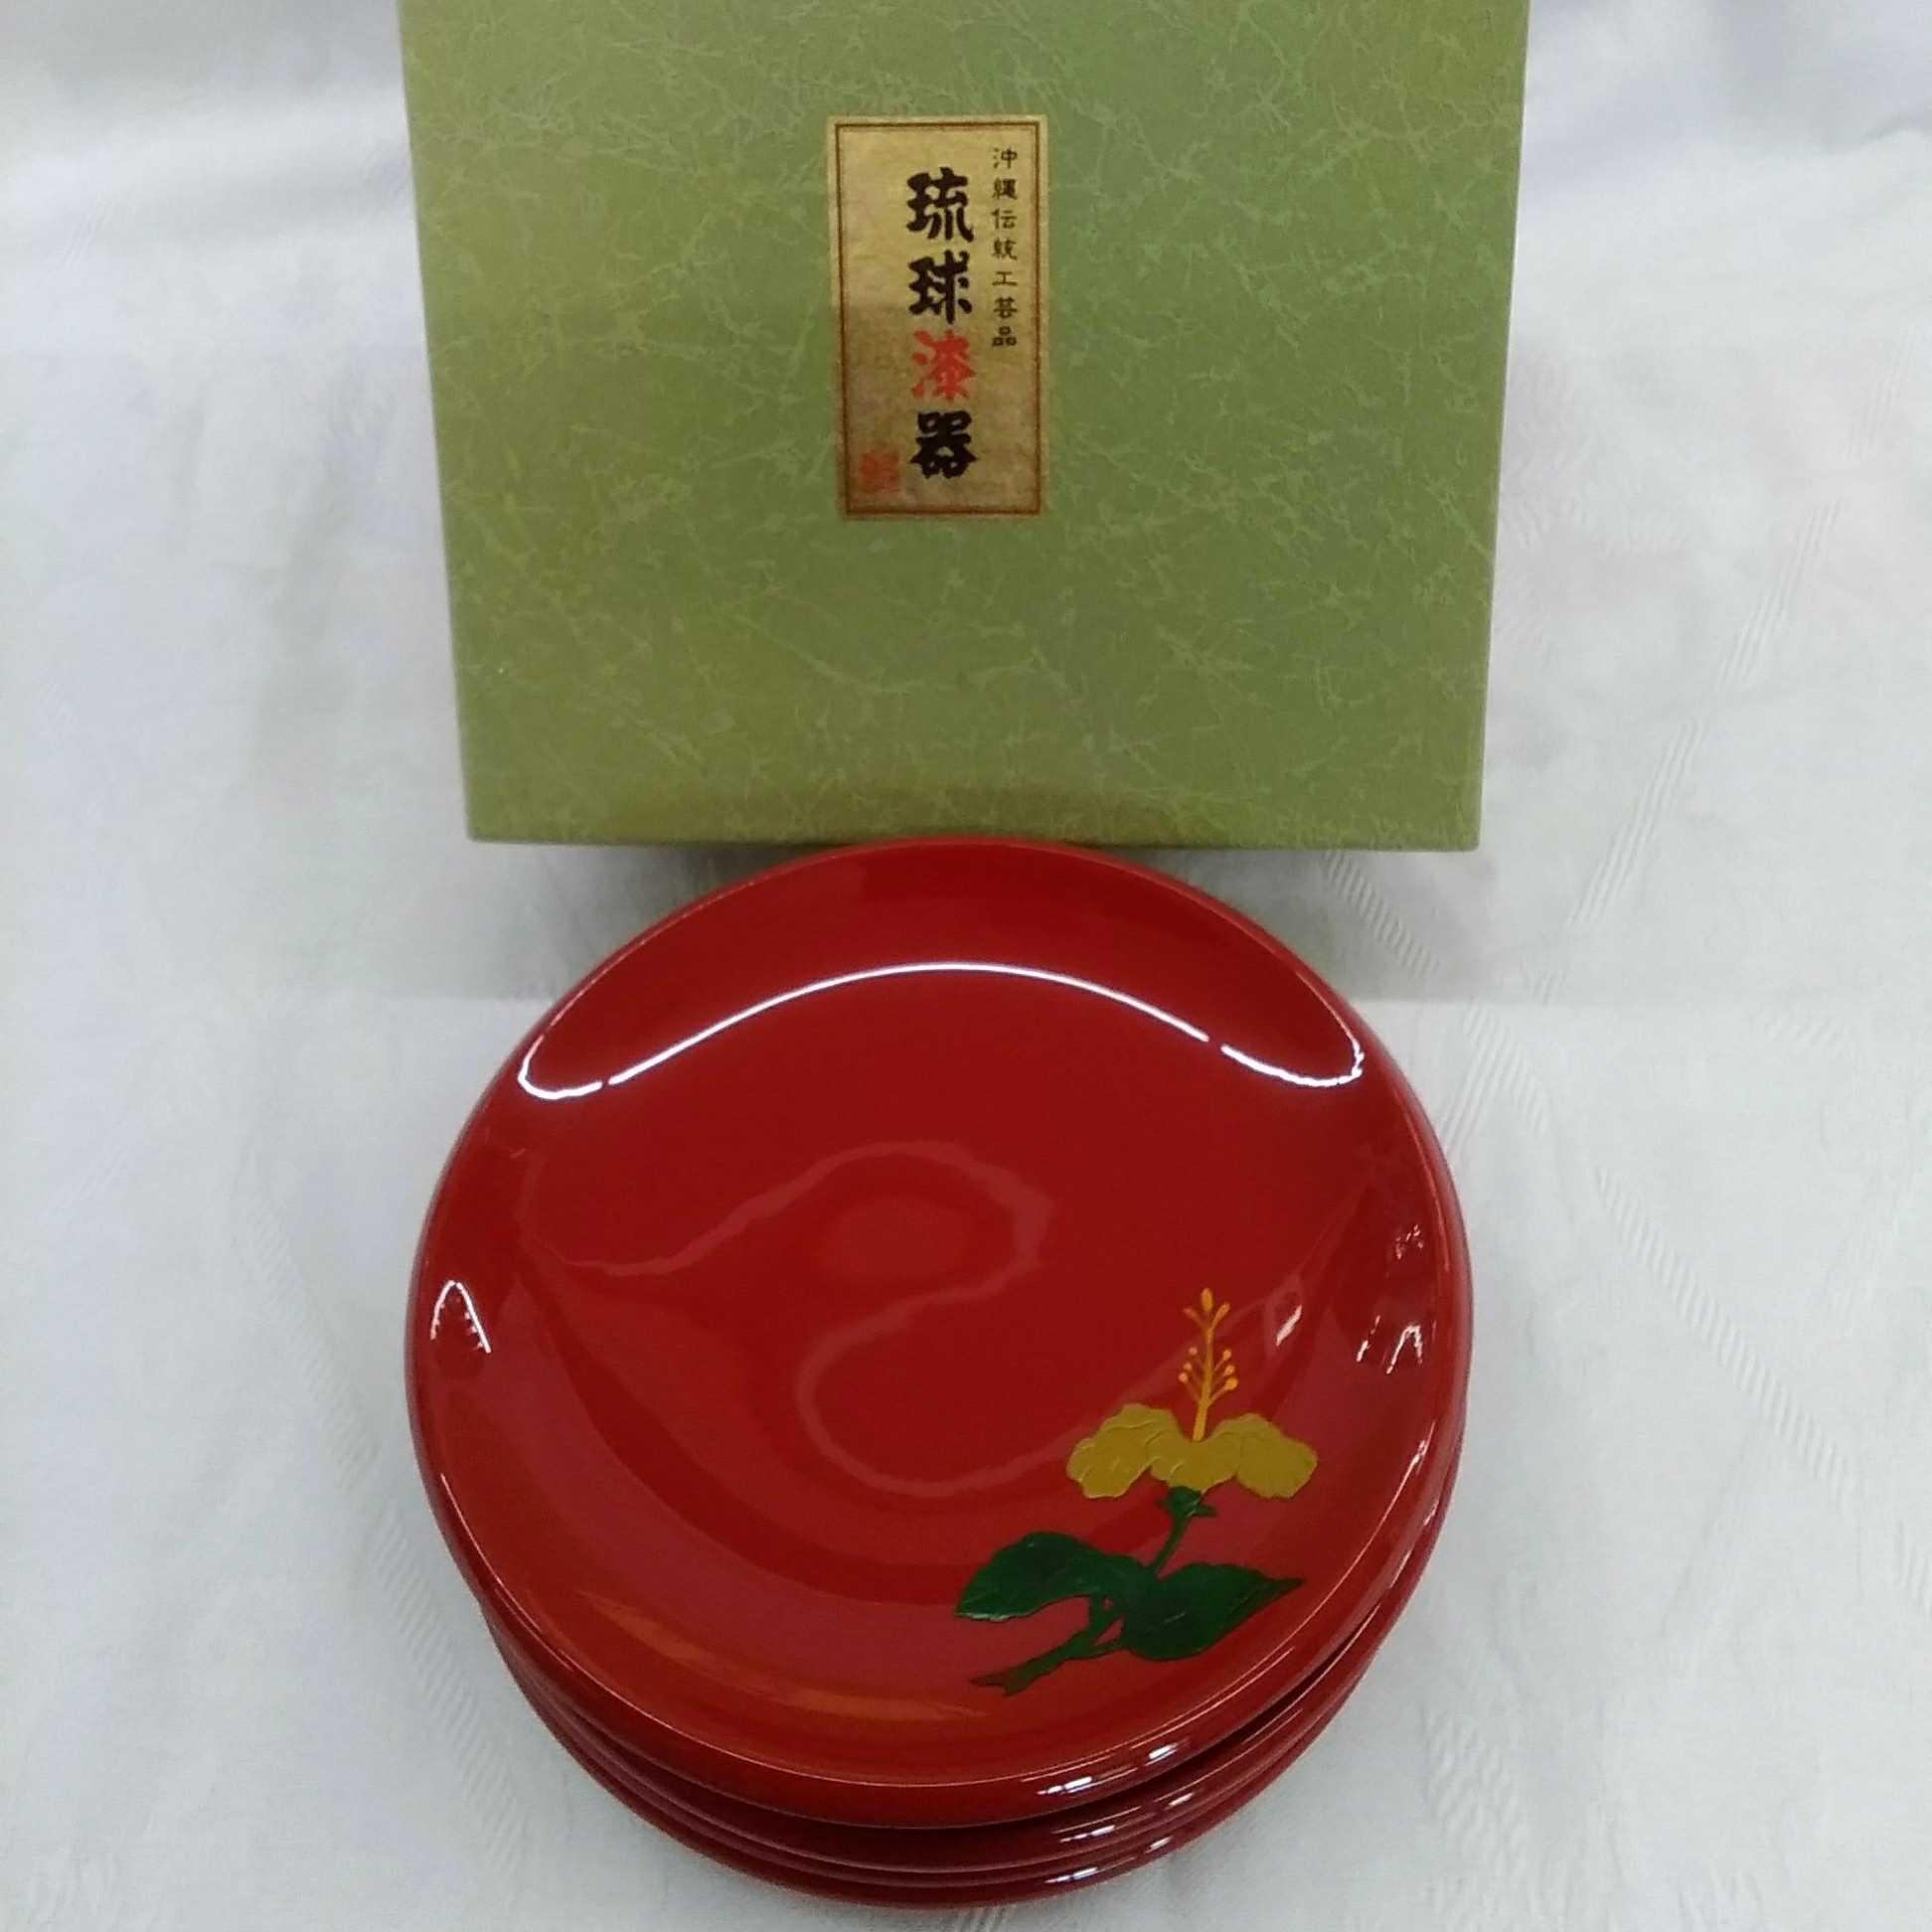 銘々皿|琉球漆器